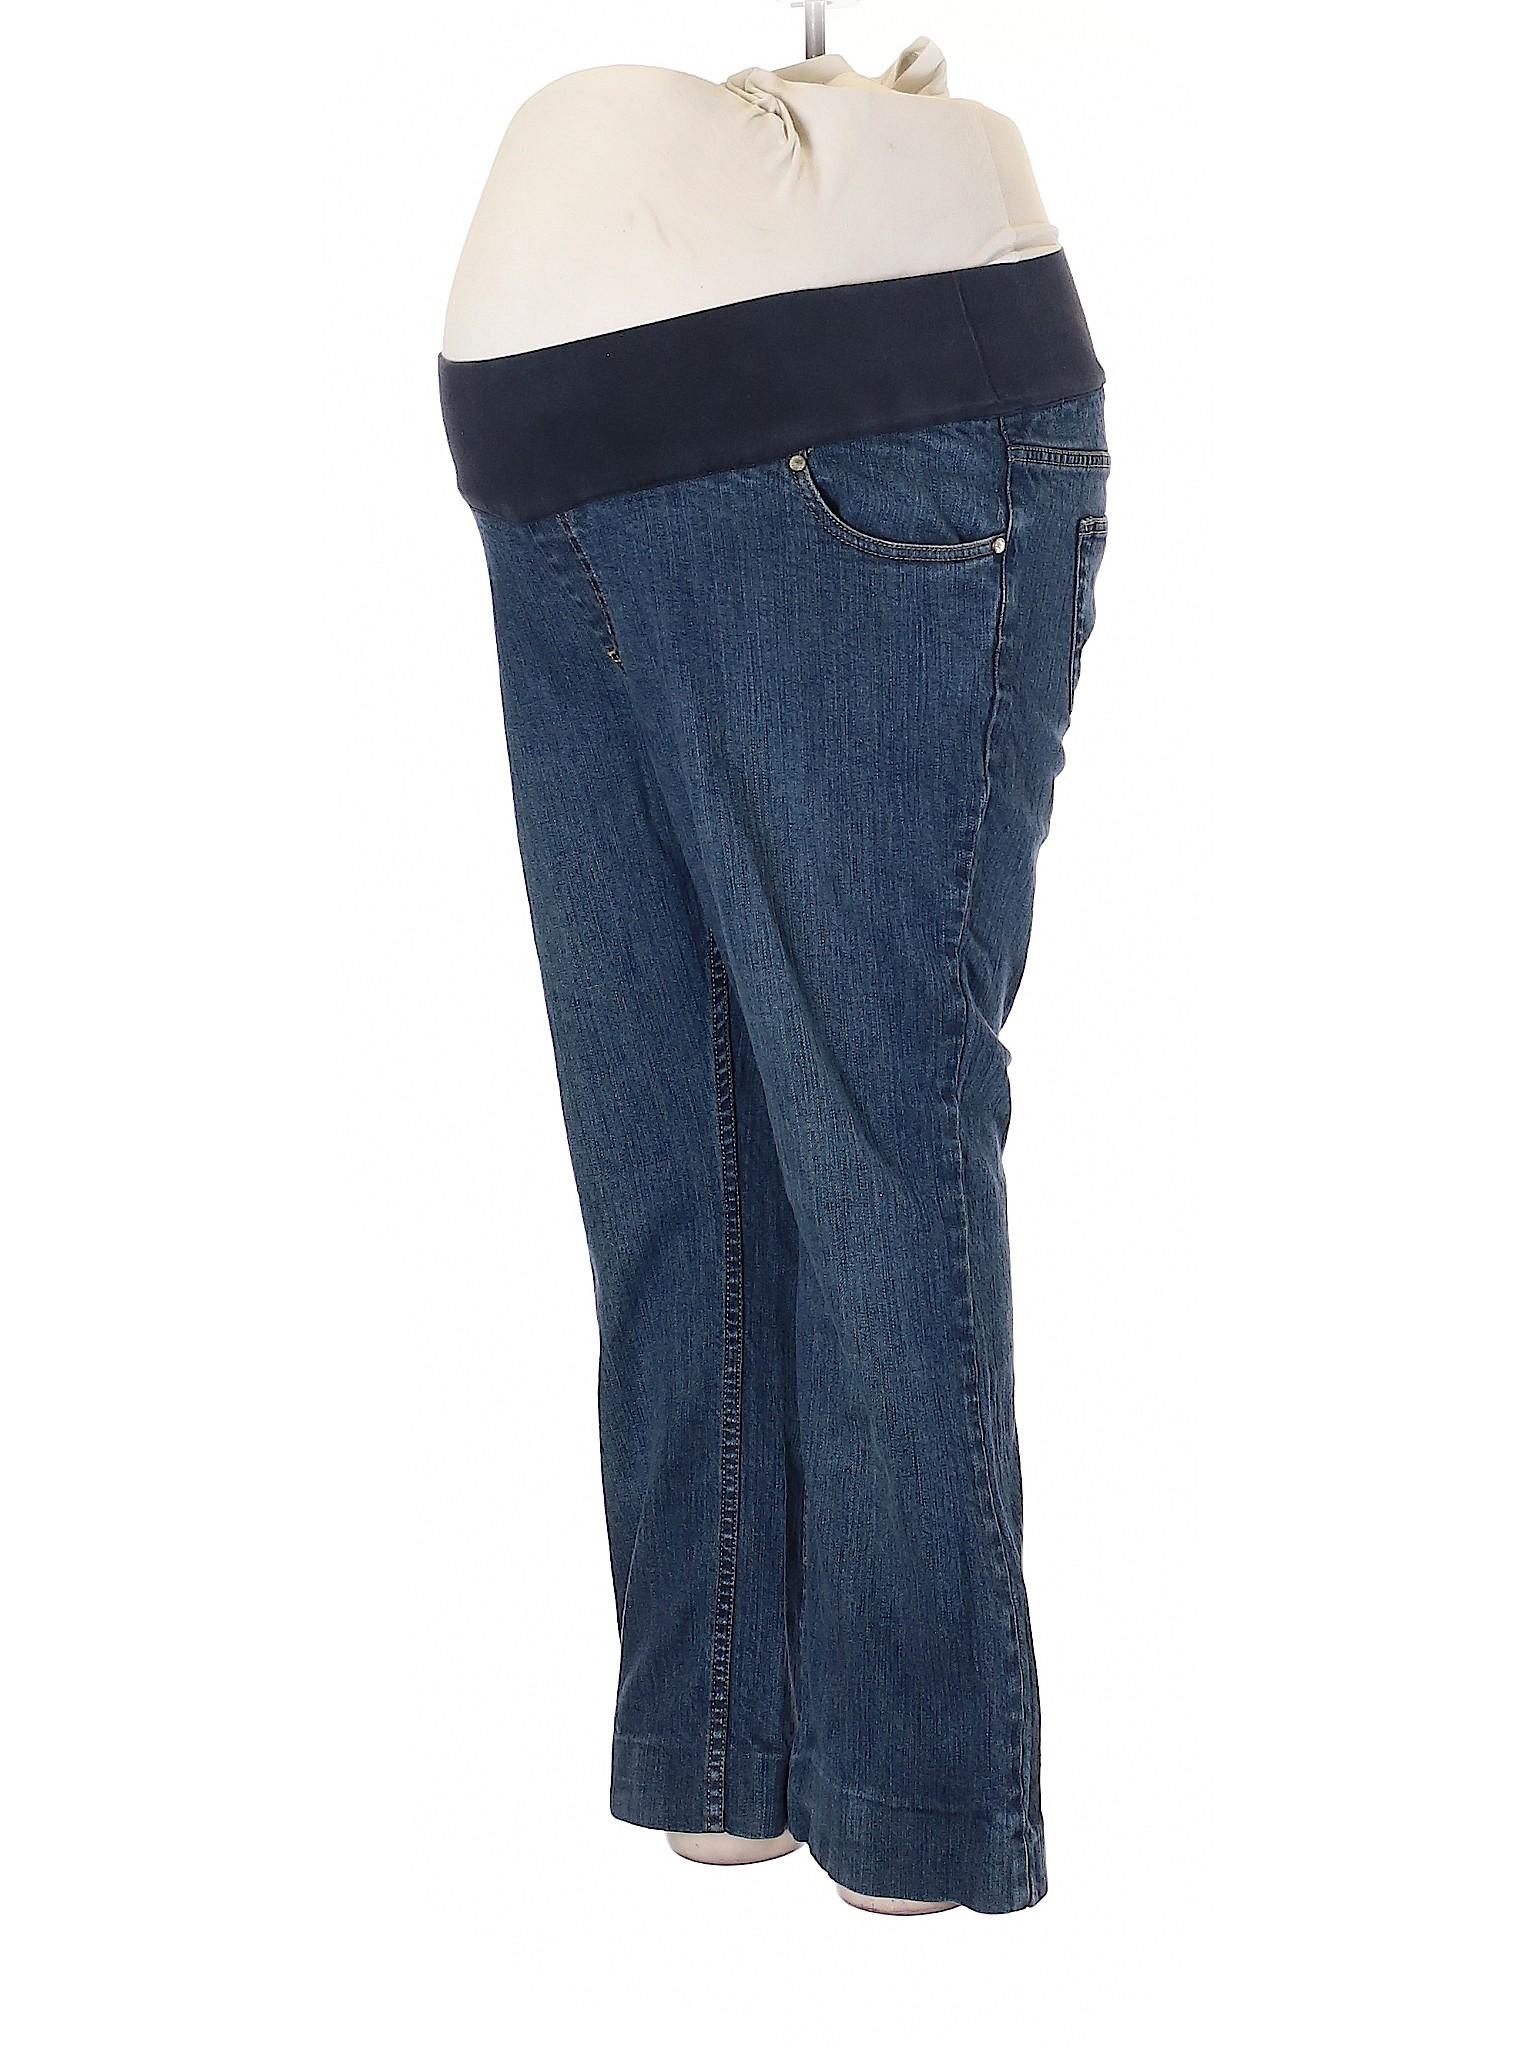 69d787ded6ba2 Liz Lange Maternity for Target Solid Blue Jeans Size 16 (Maternity ...